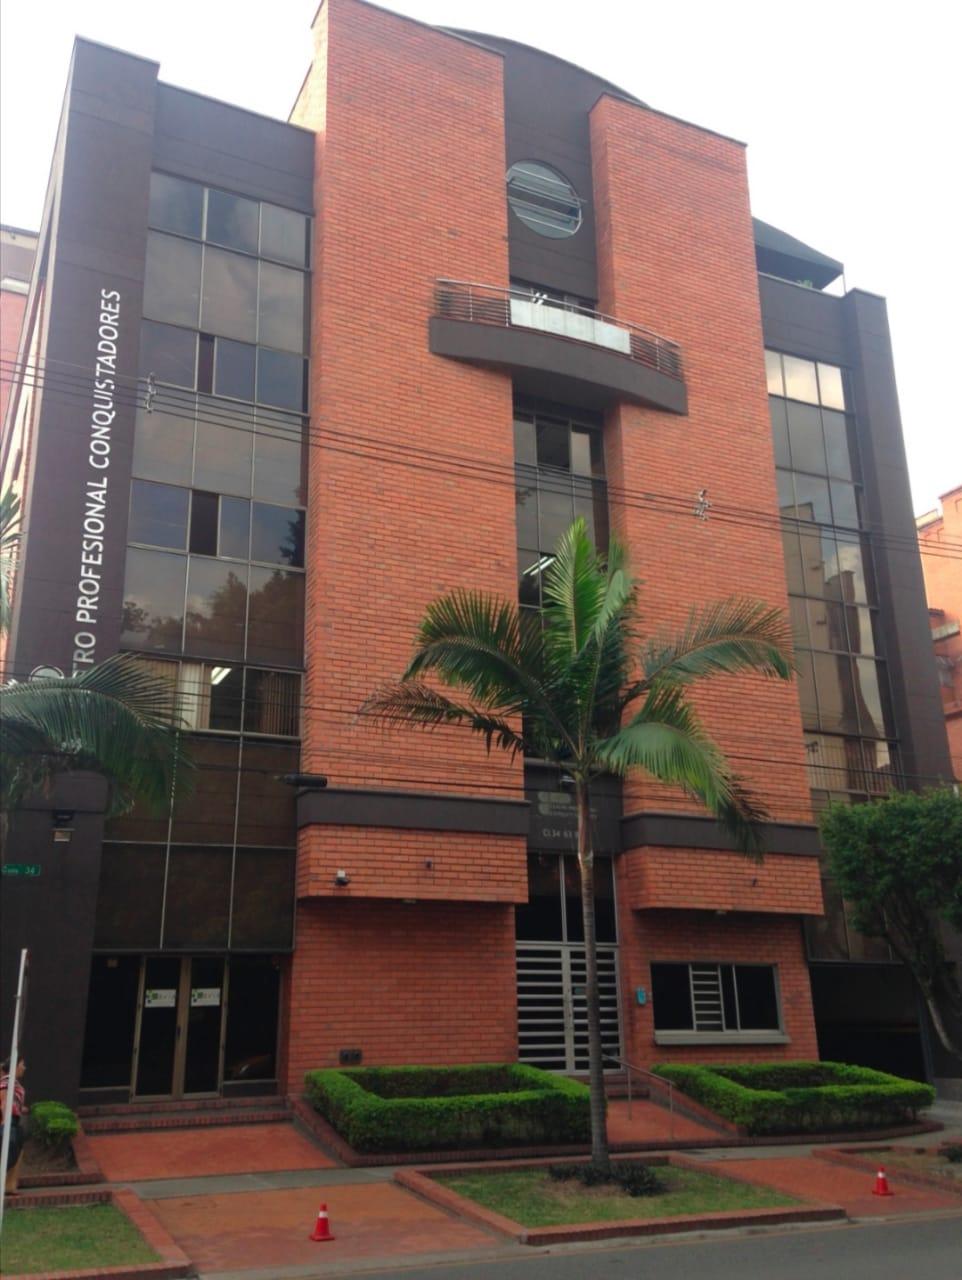 Oficina en Medellin 131698, foto 0